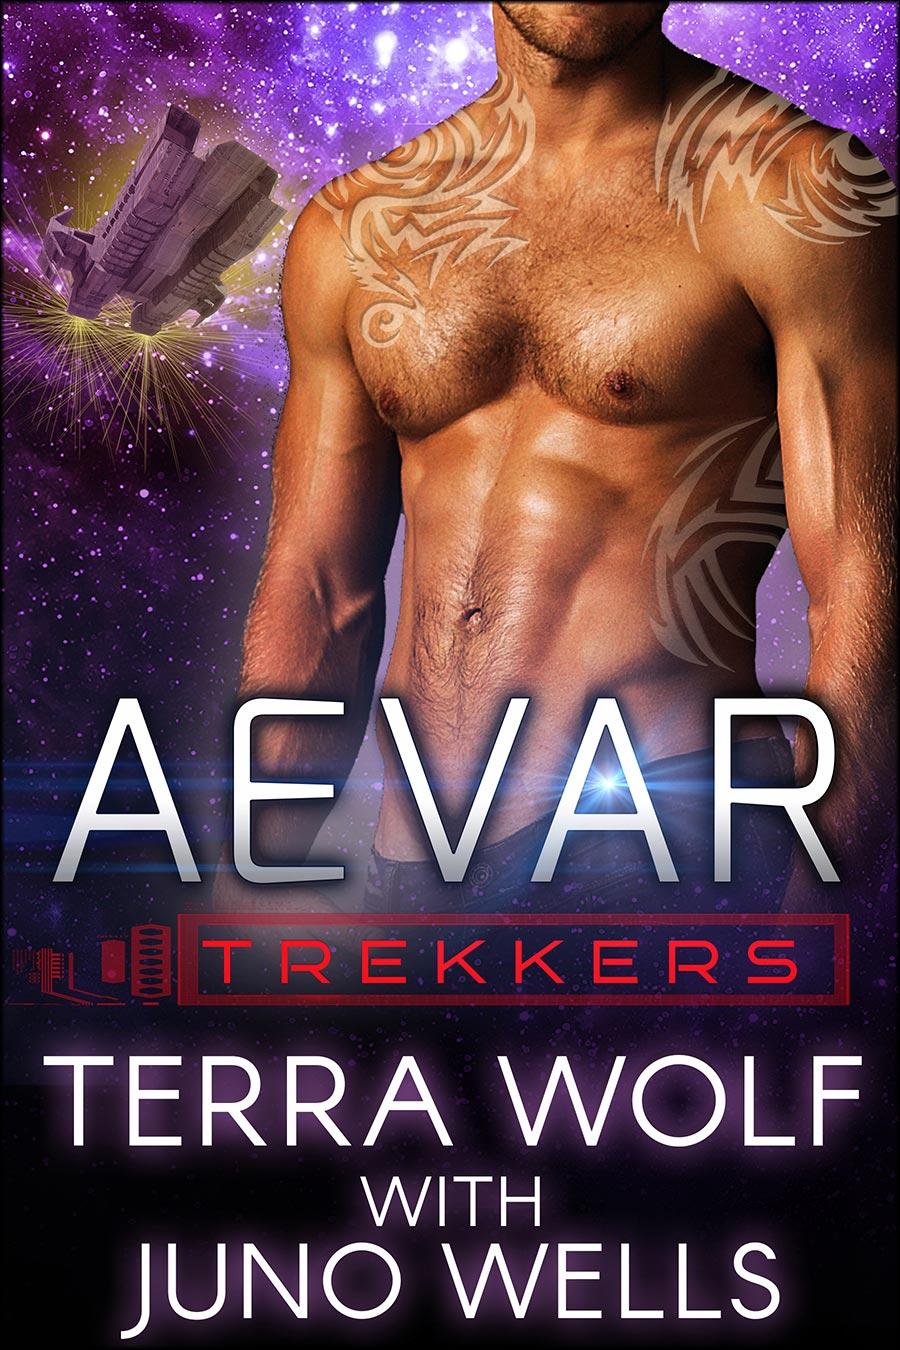 Aevar---Trekkers-cover---Terra-Wolf-and-Juno-Wells.jpg